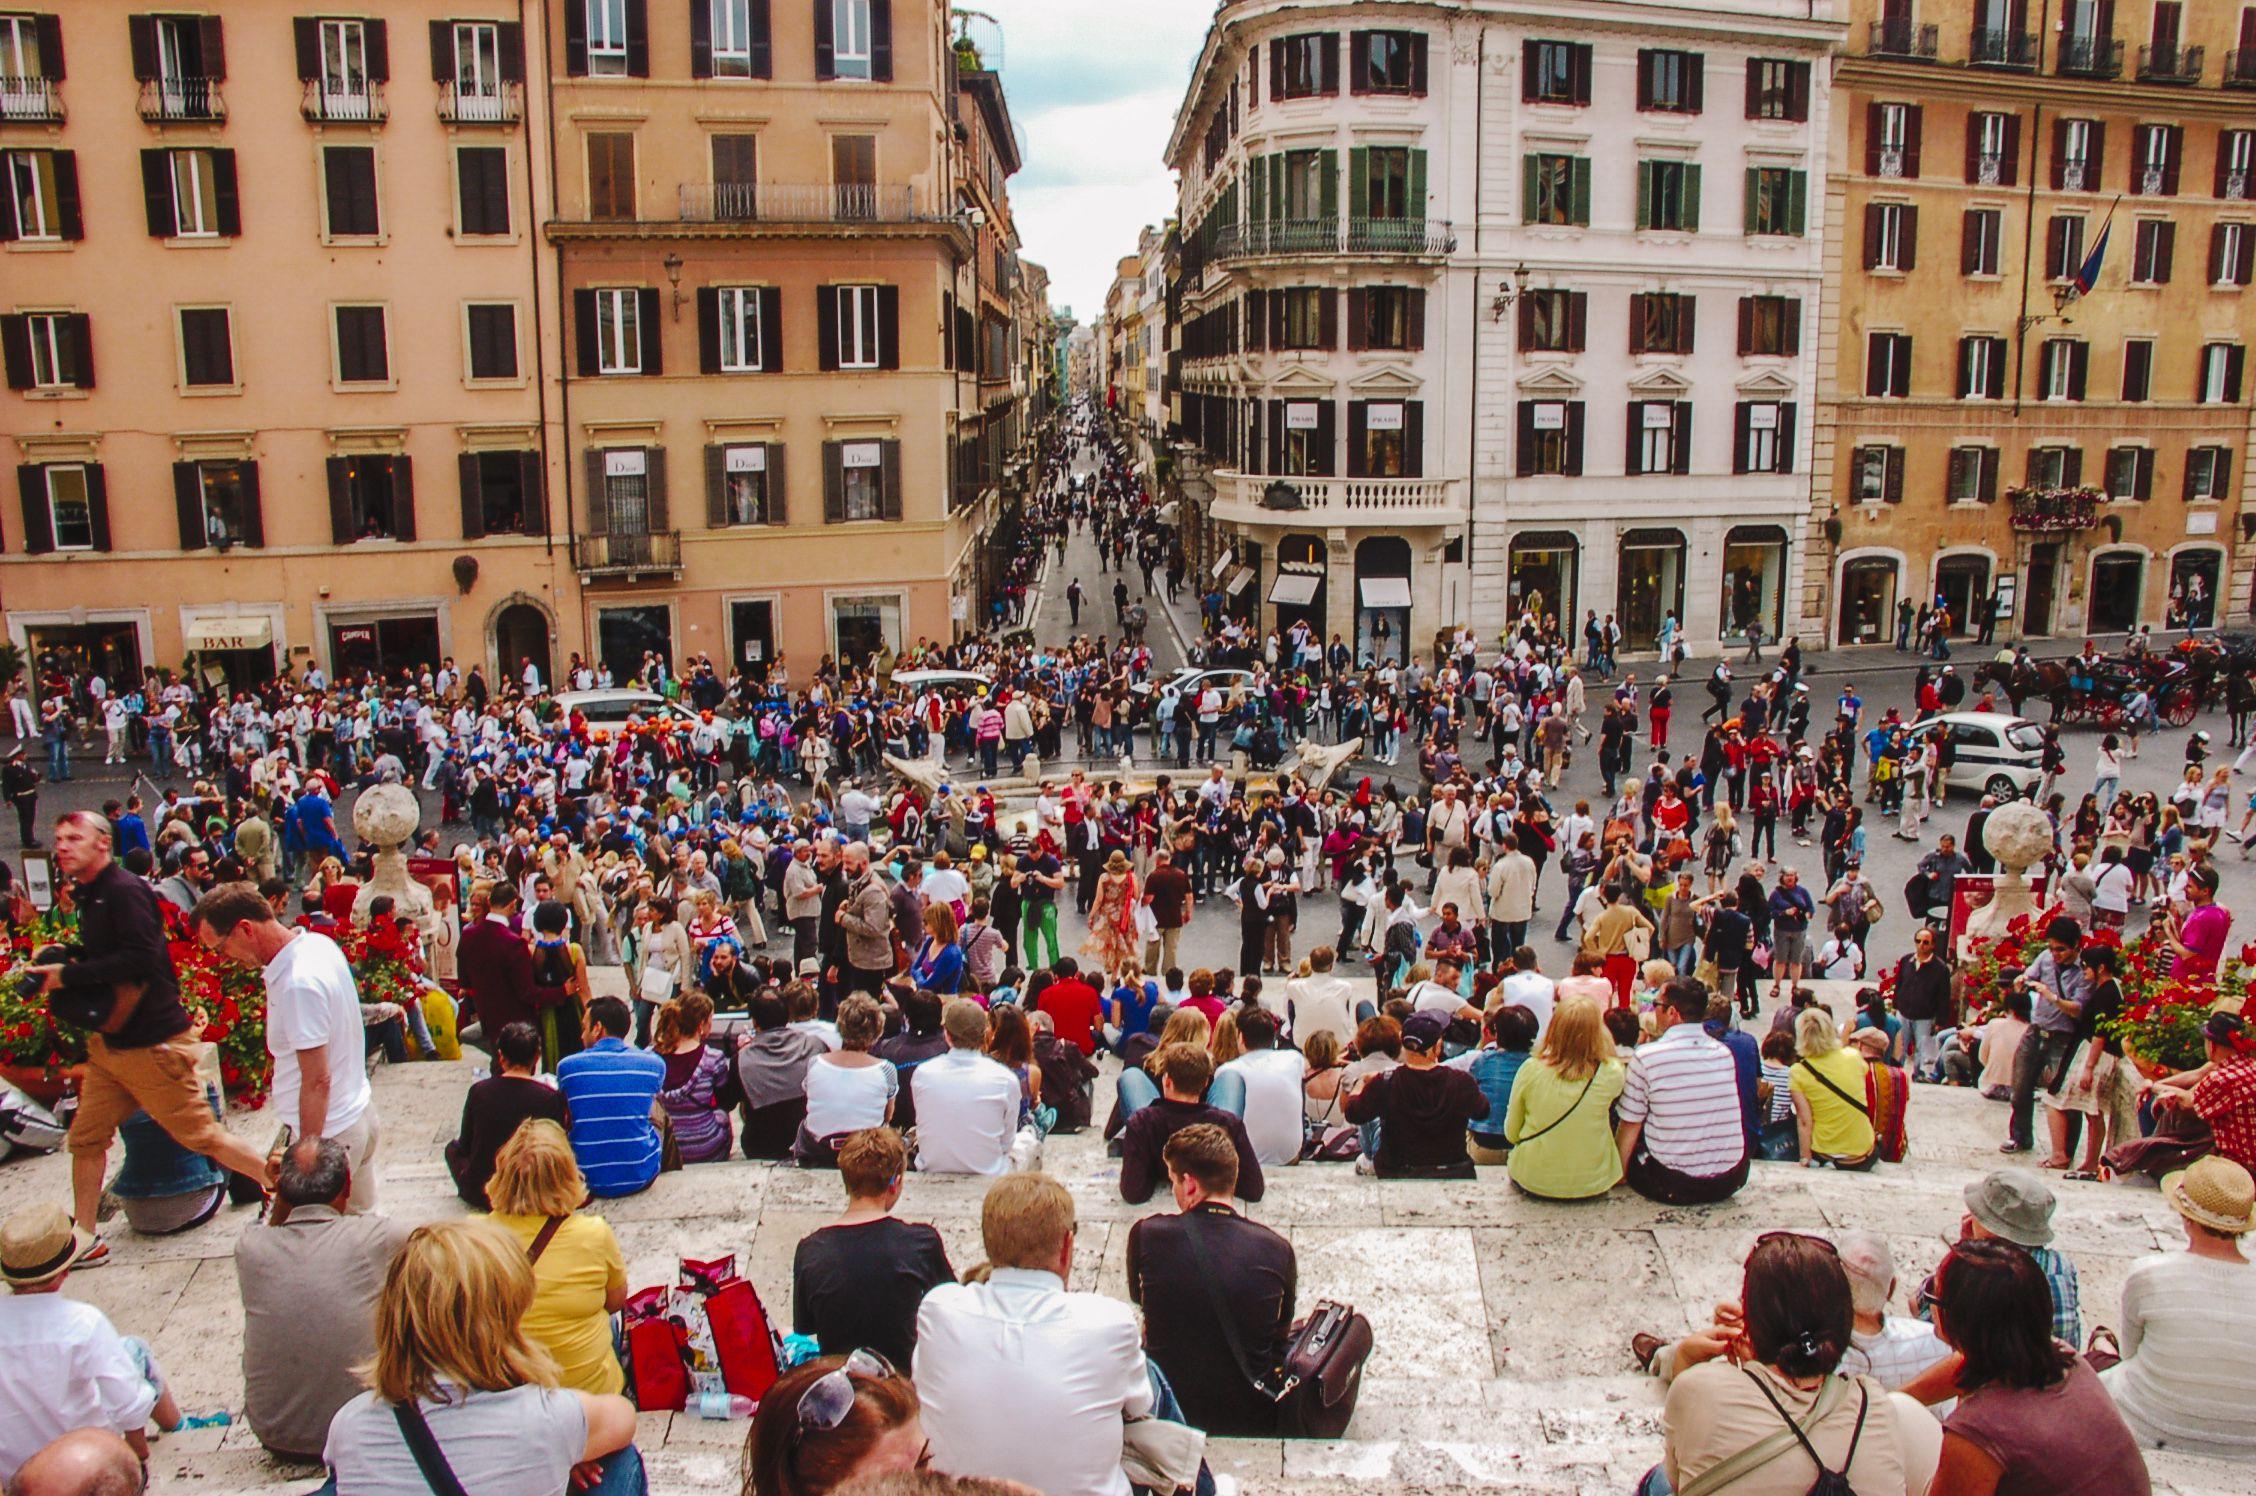 La vista de una gran multitud sentada en la Plaza de España